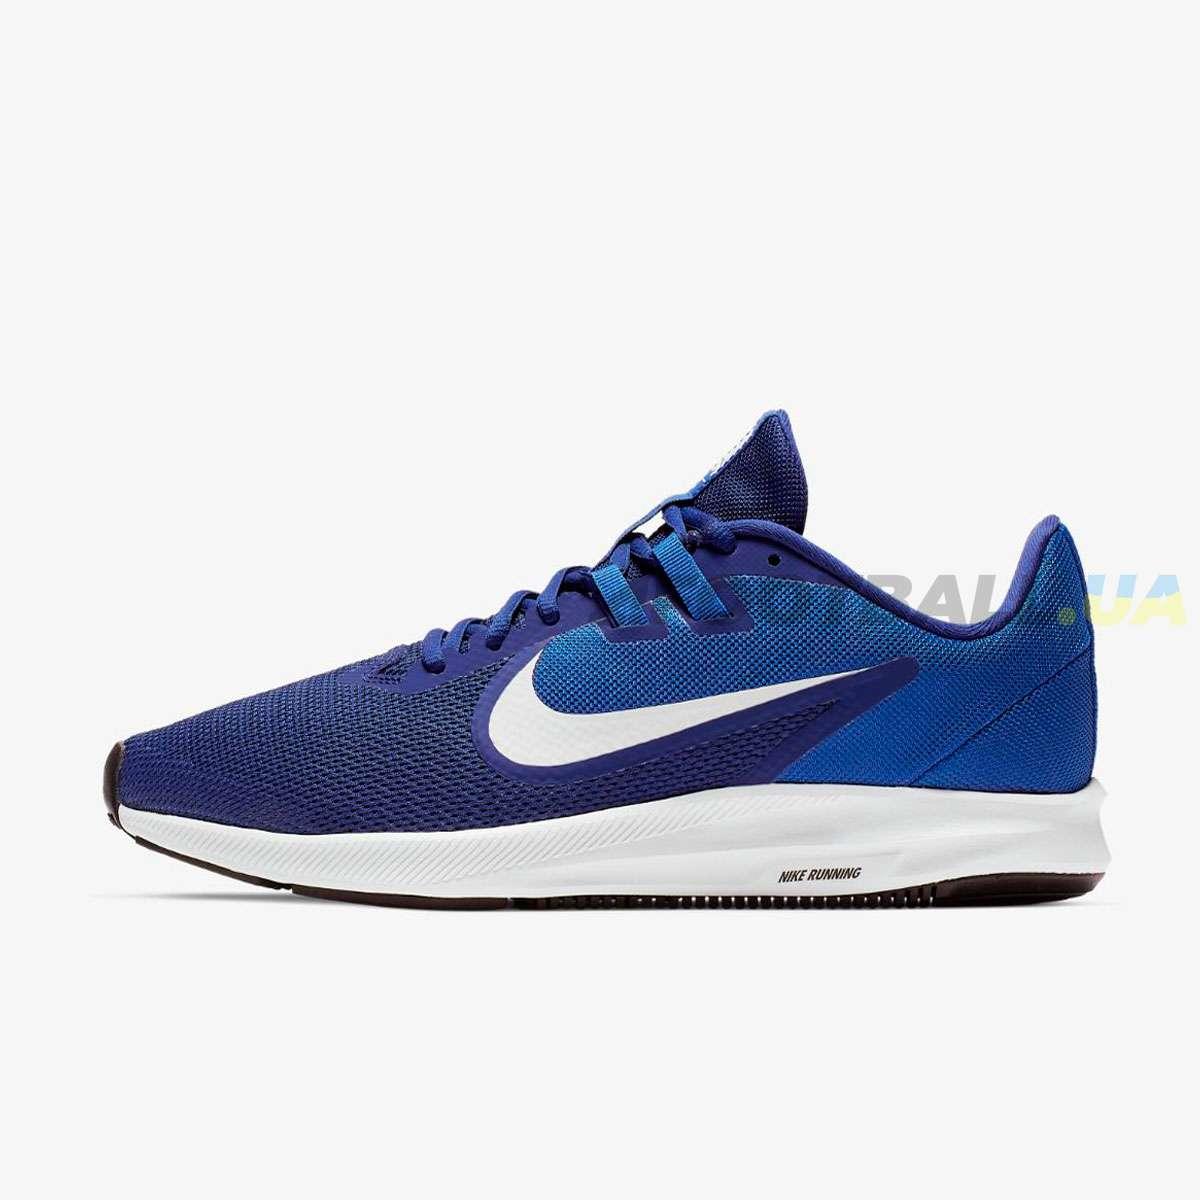 a7ef7742 Футбольная обувь — купить обувь для футбола в Киеве. Скидки до -70%.